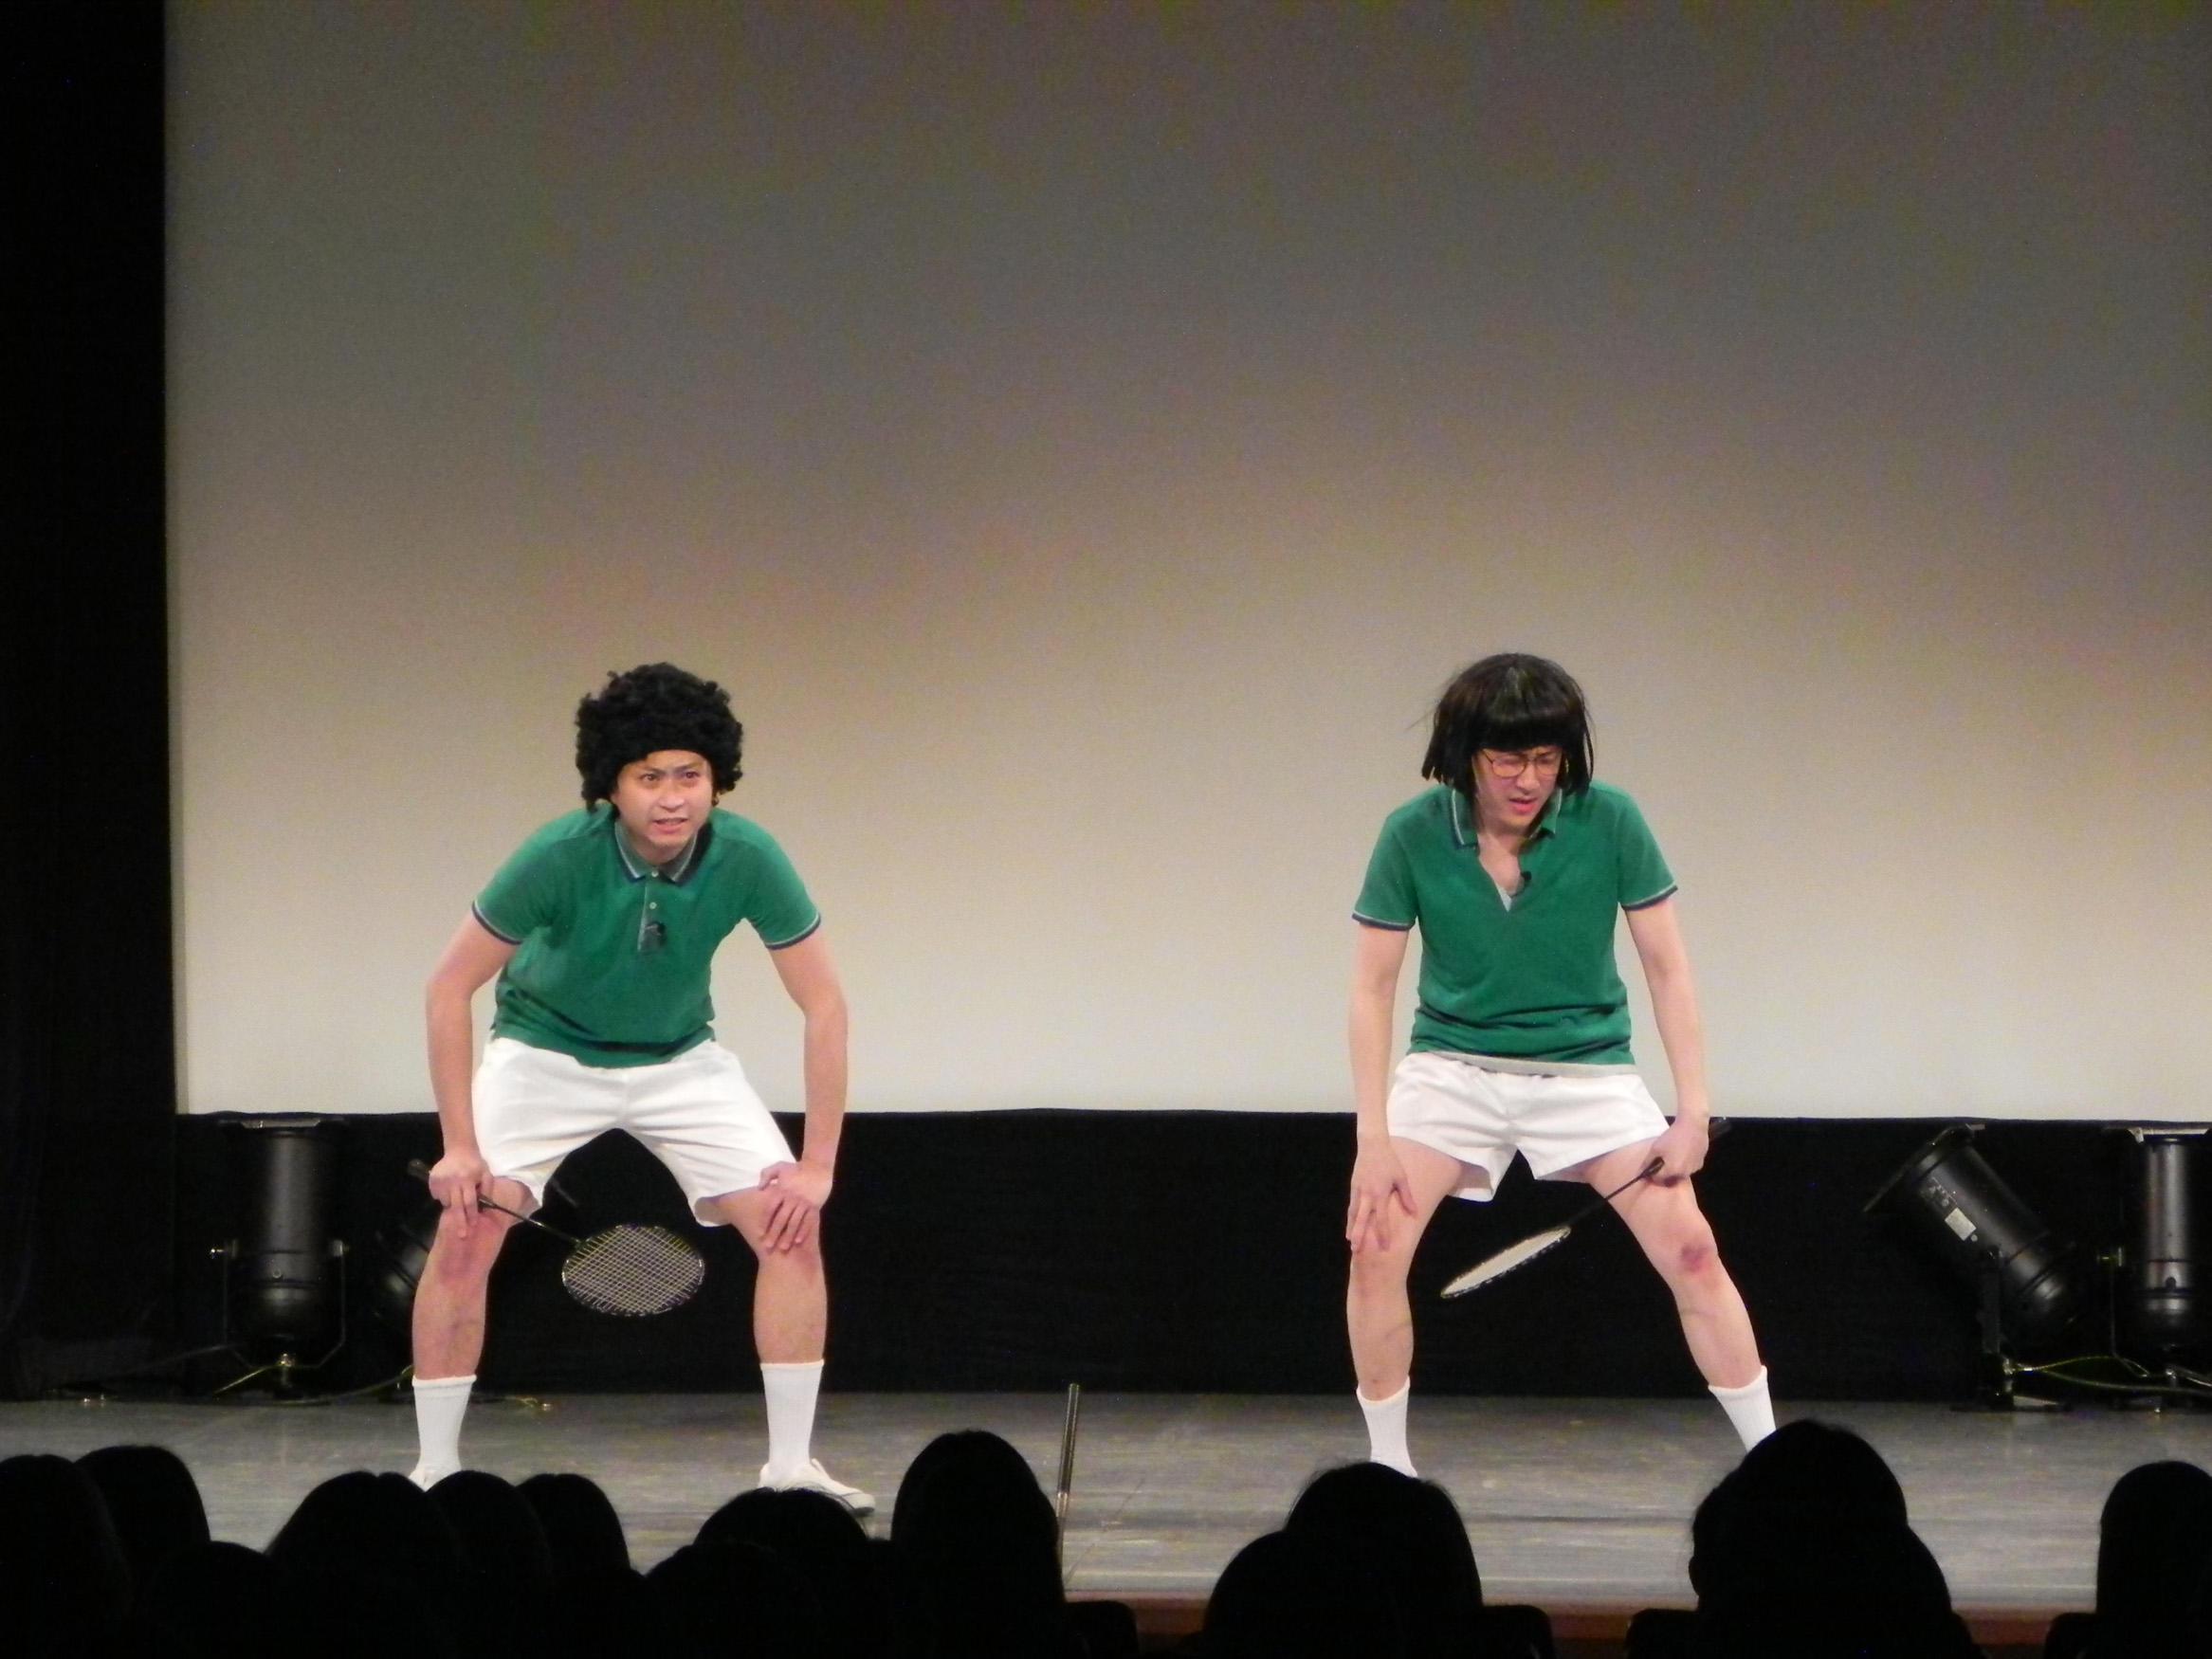 http://news.yoshimoto.co.jp/20170425152310-f16fd09c285b5f99d827dea24c05fe0b6be58aaf.jpg